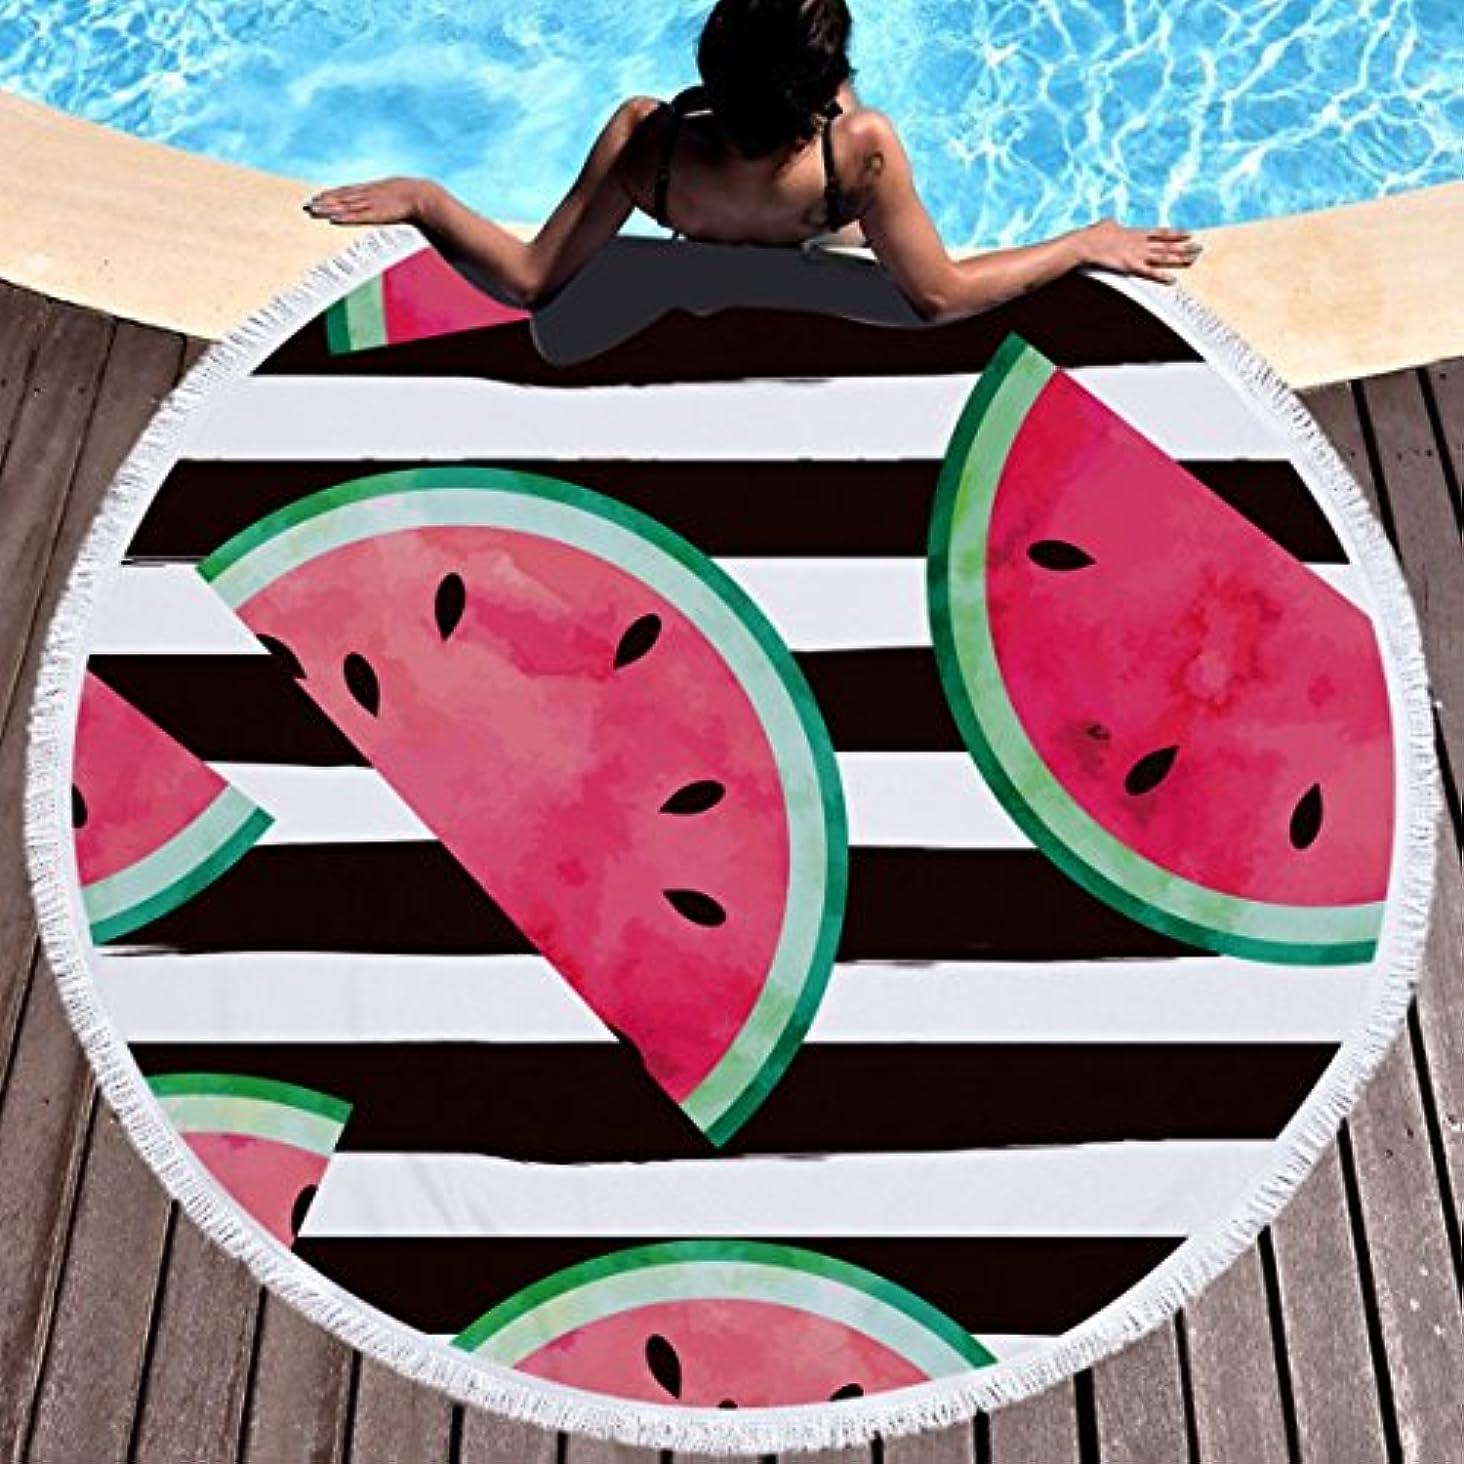 思い出す考案する予想するラウンドビーチタオル100%マイクロファイバーテリー布フルーツ多目的タオルタペストリー風呂水着用ヨガ屋外キャンプマットソファ投げ59インチ (Color : 10)